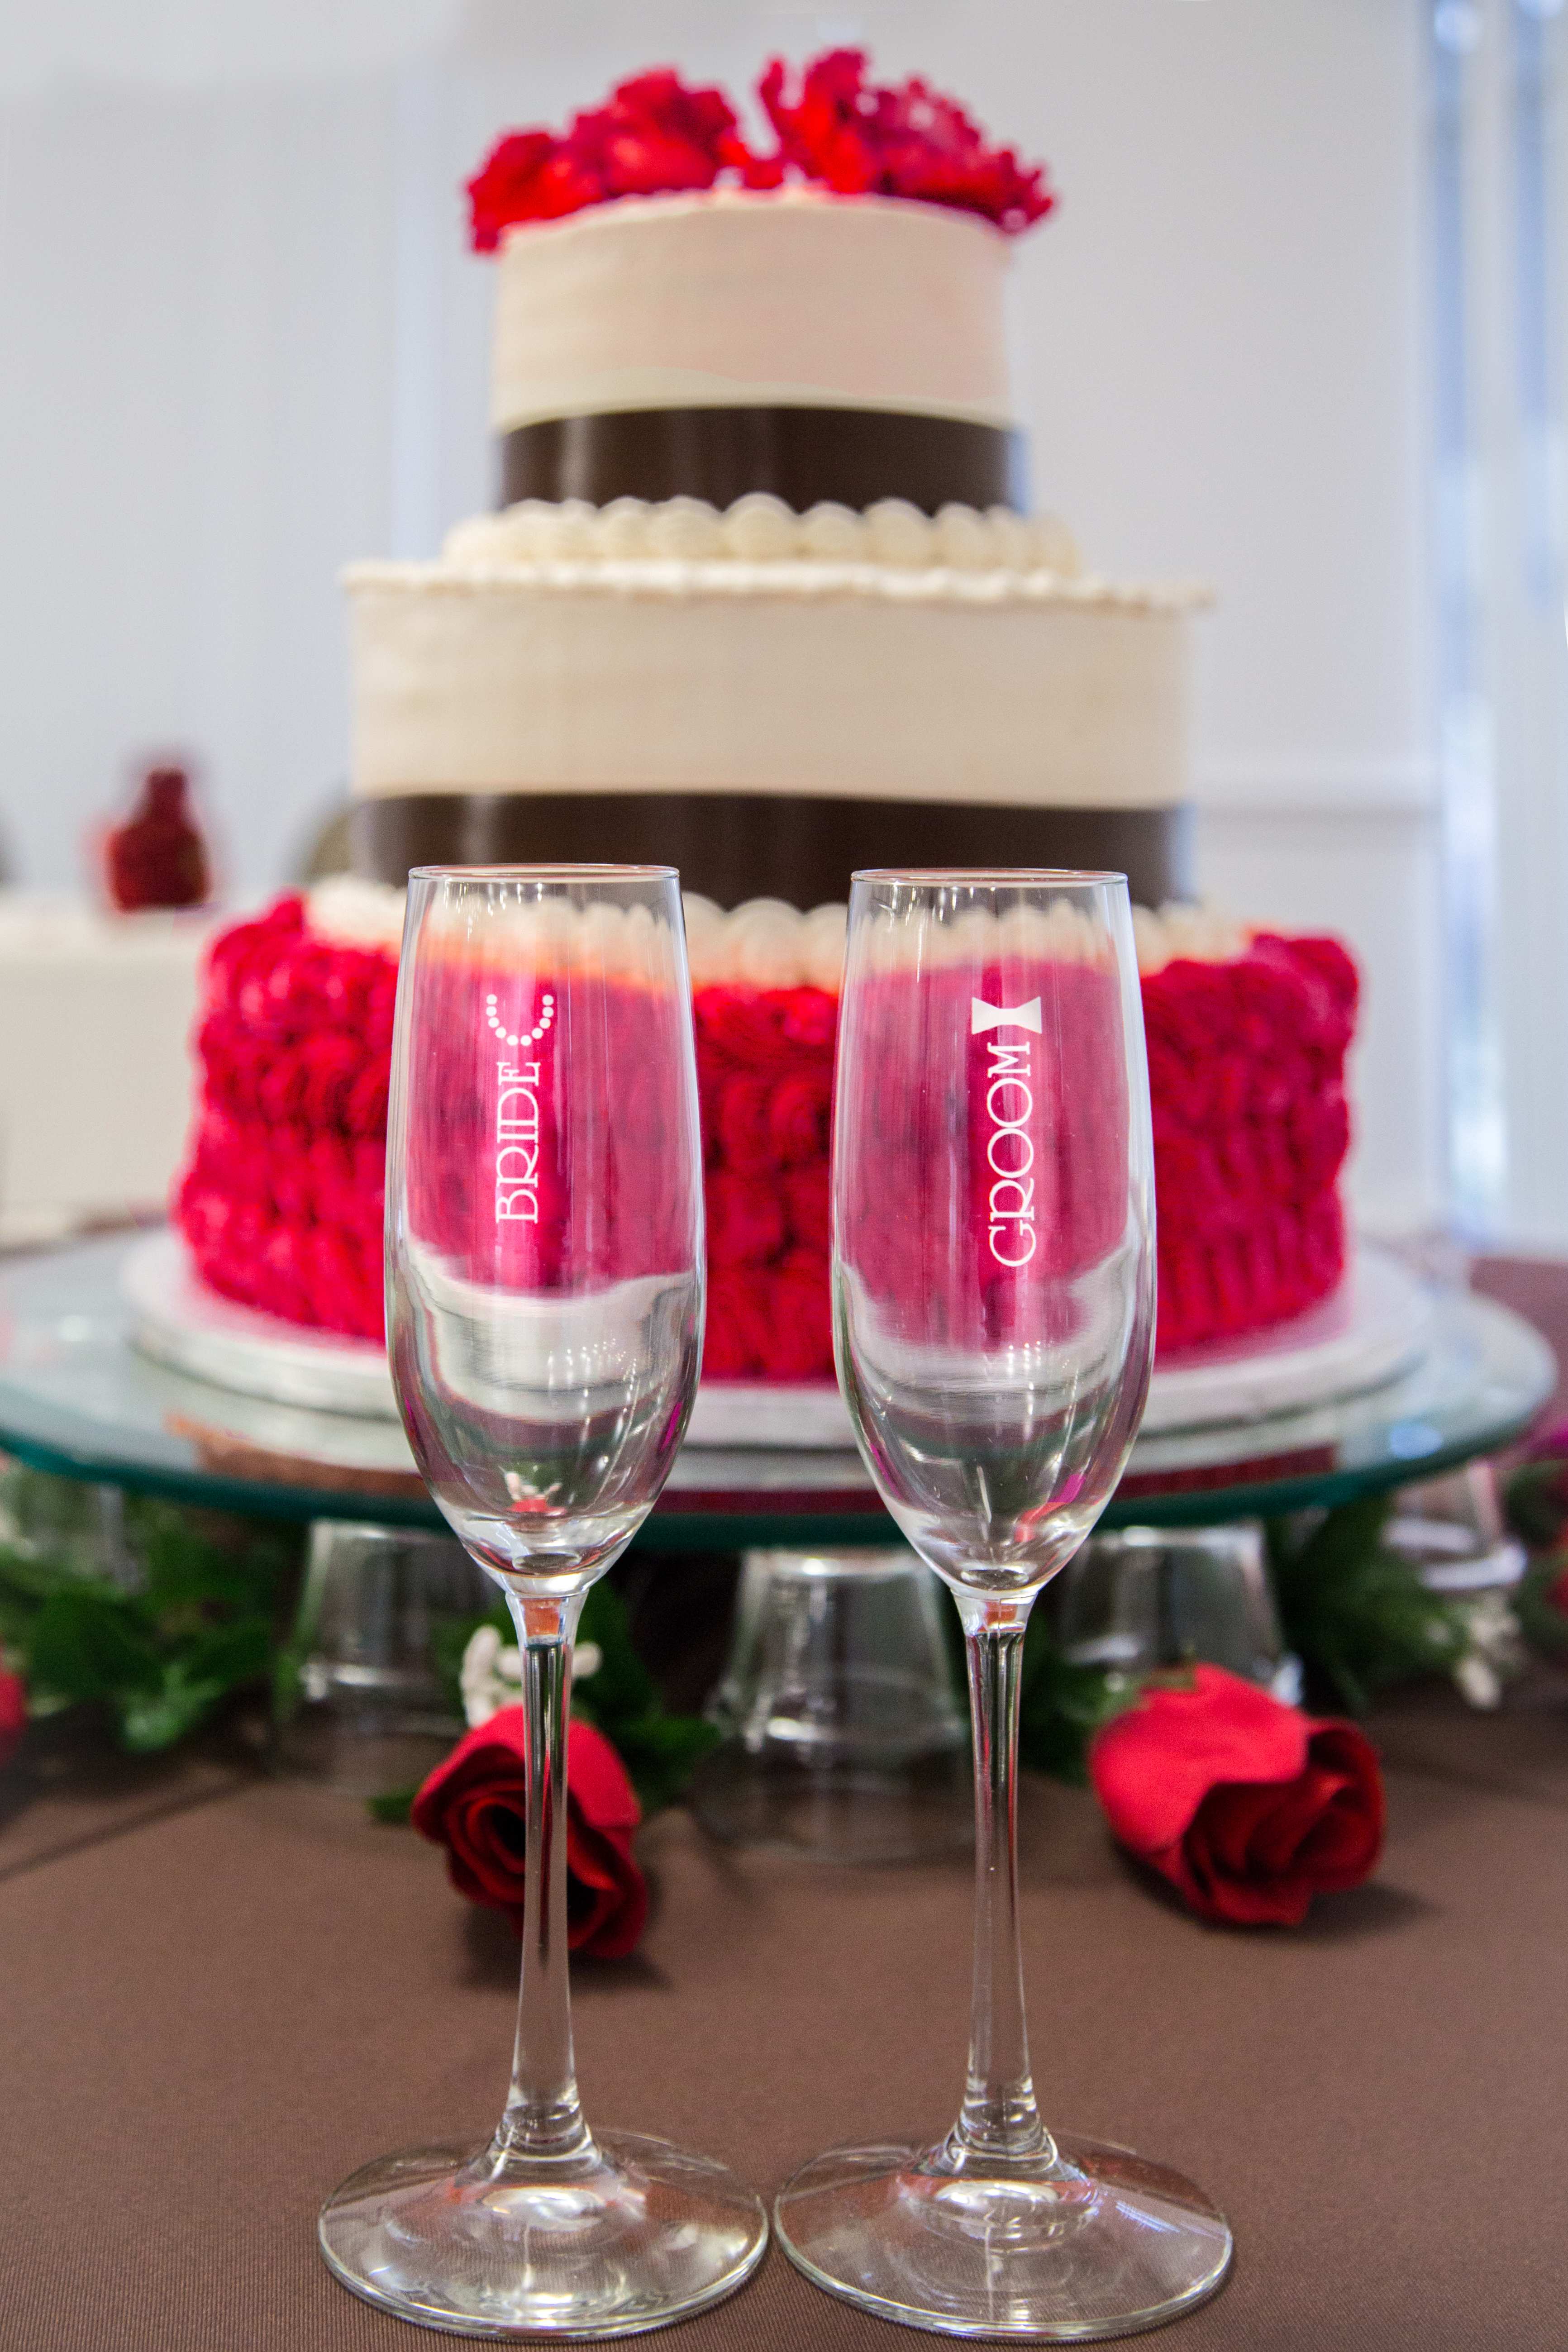 Tremendous Tad Atkinson Happy Birthday Cake With Wine Glass 671689 Hd Funny Birthday Cards Online Ioscodamsfinfo